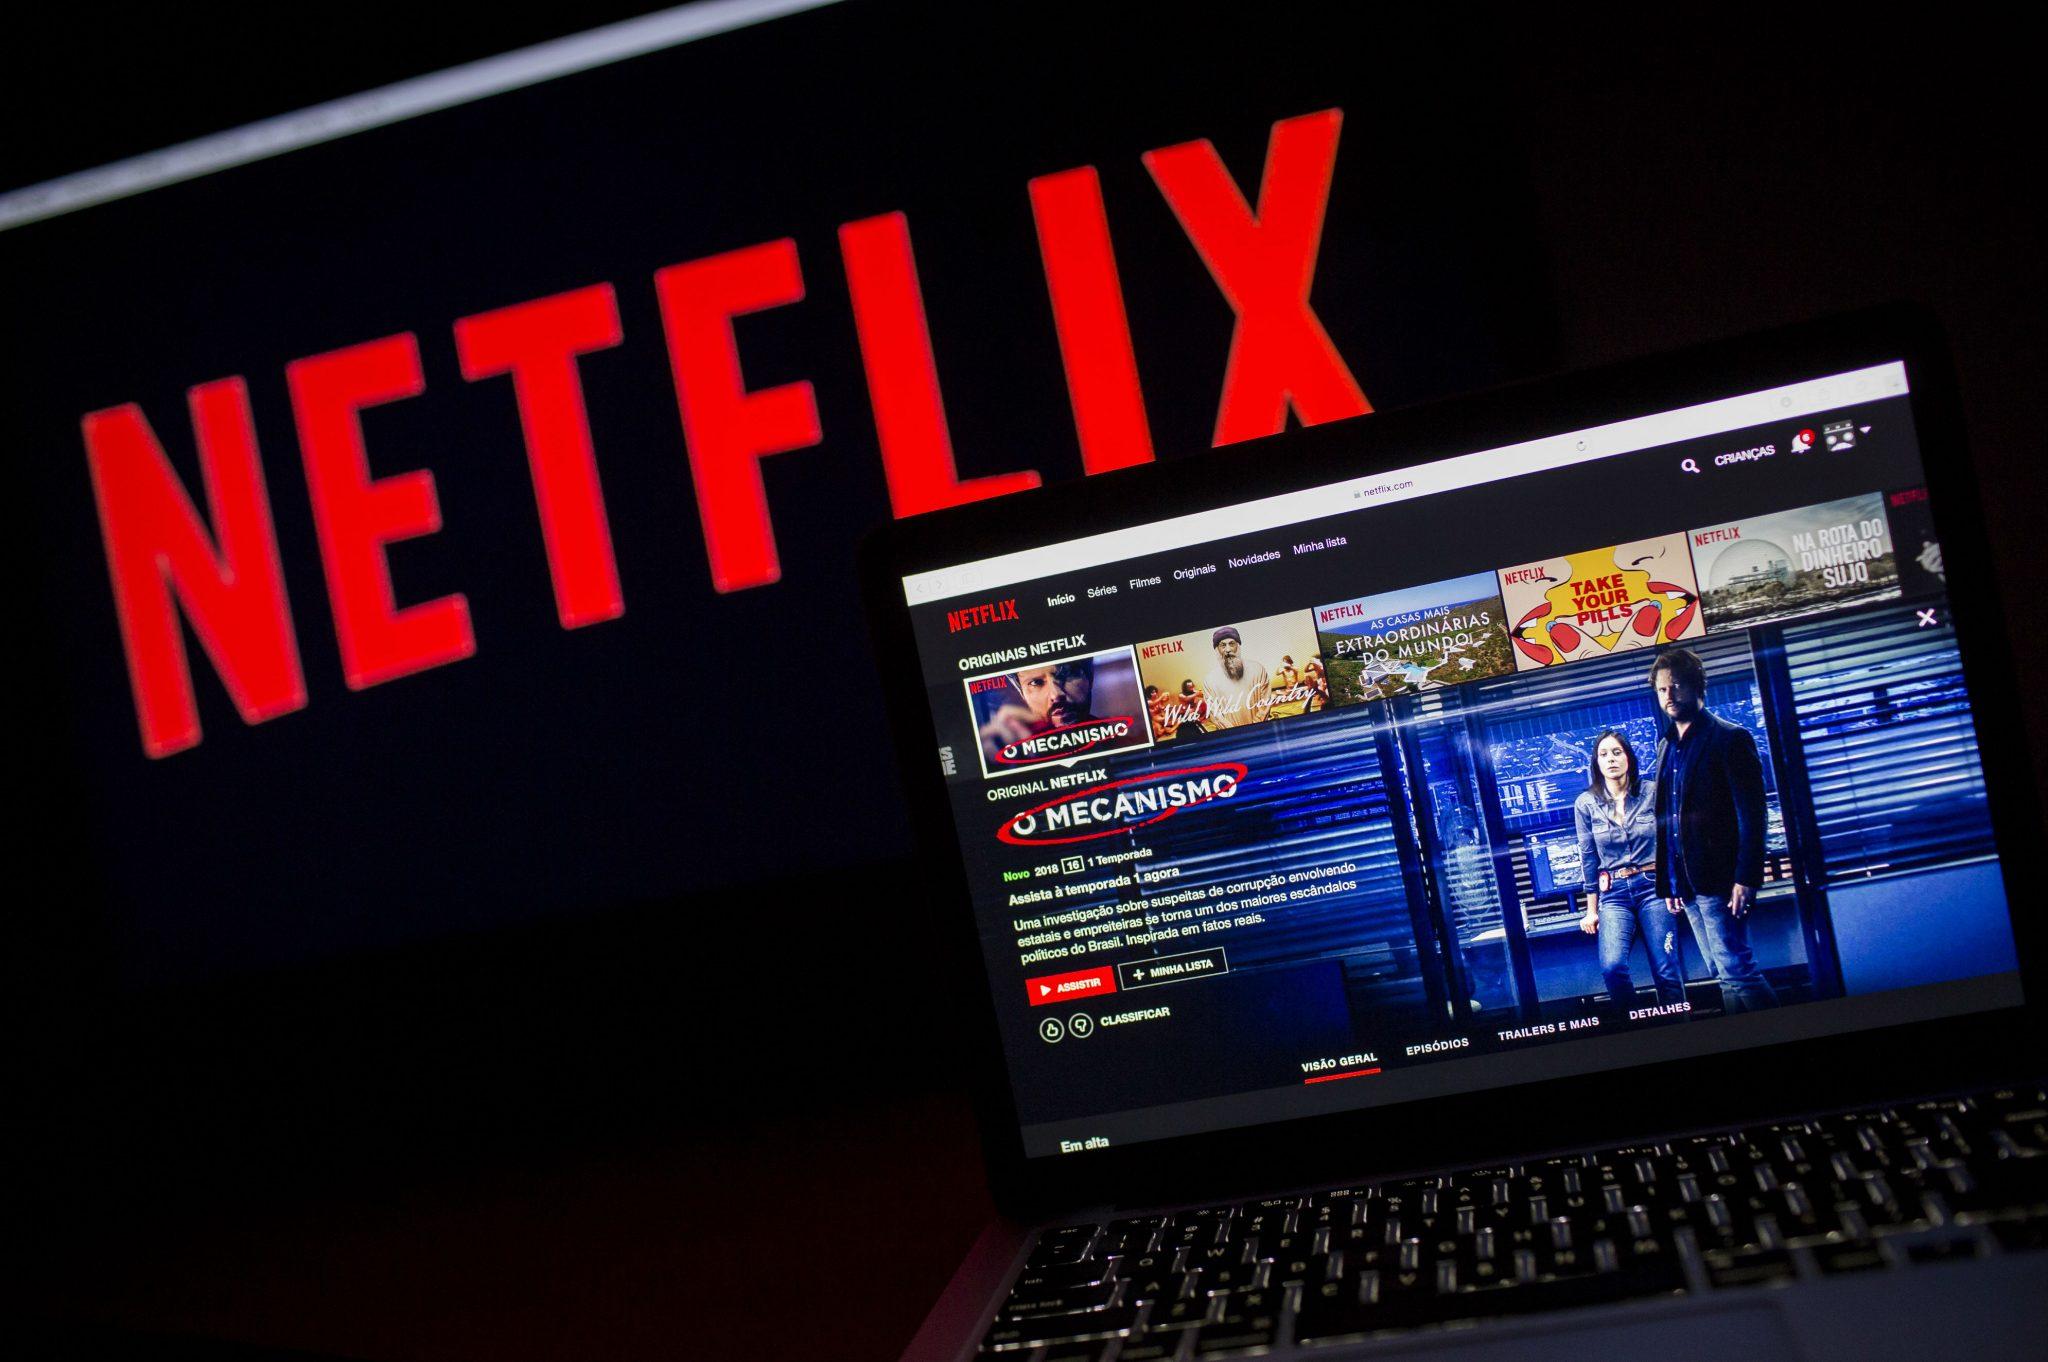 Netflix catalogo br scaled